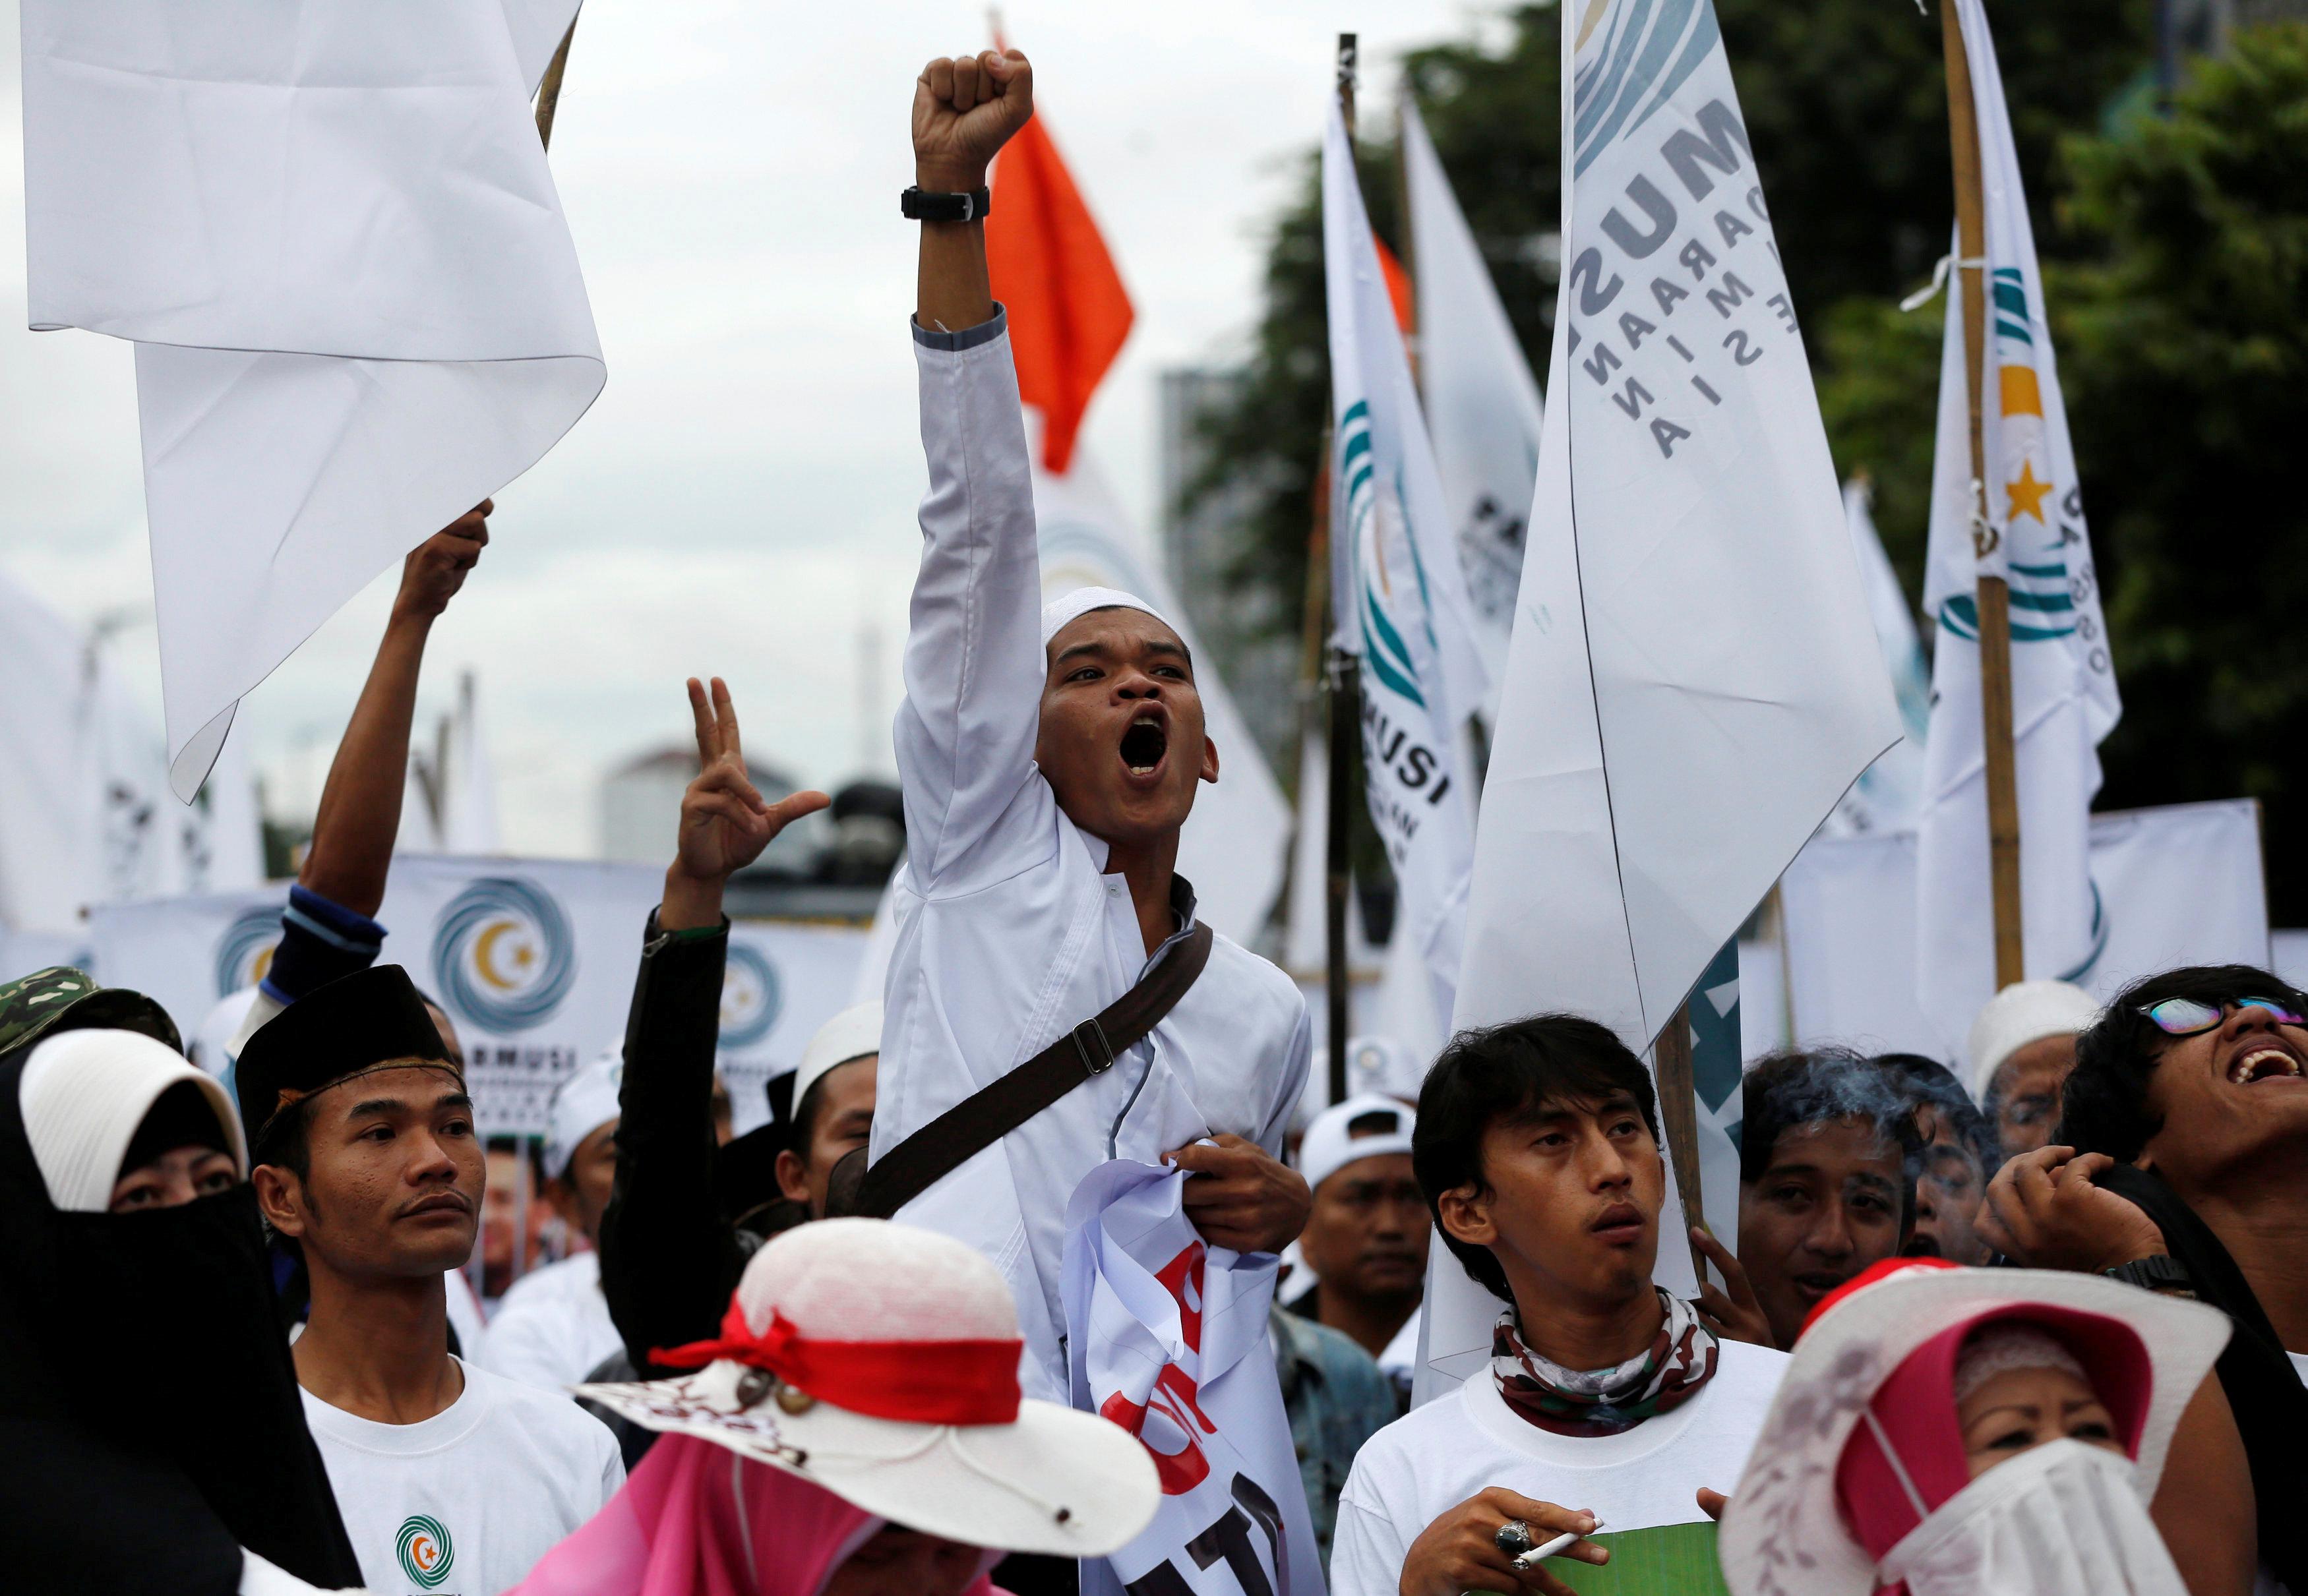 تظاهرات فى اندونيسيا ضد حاكم جاكرتا